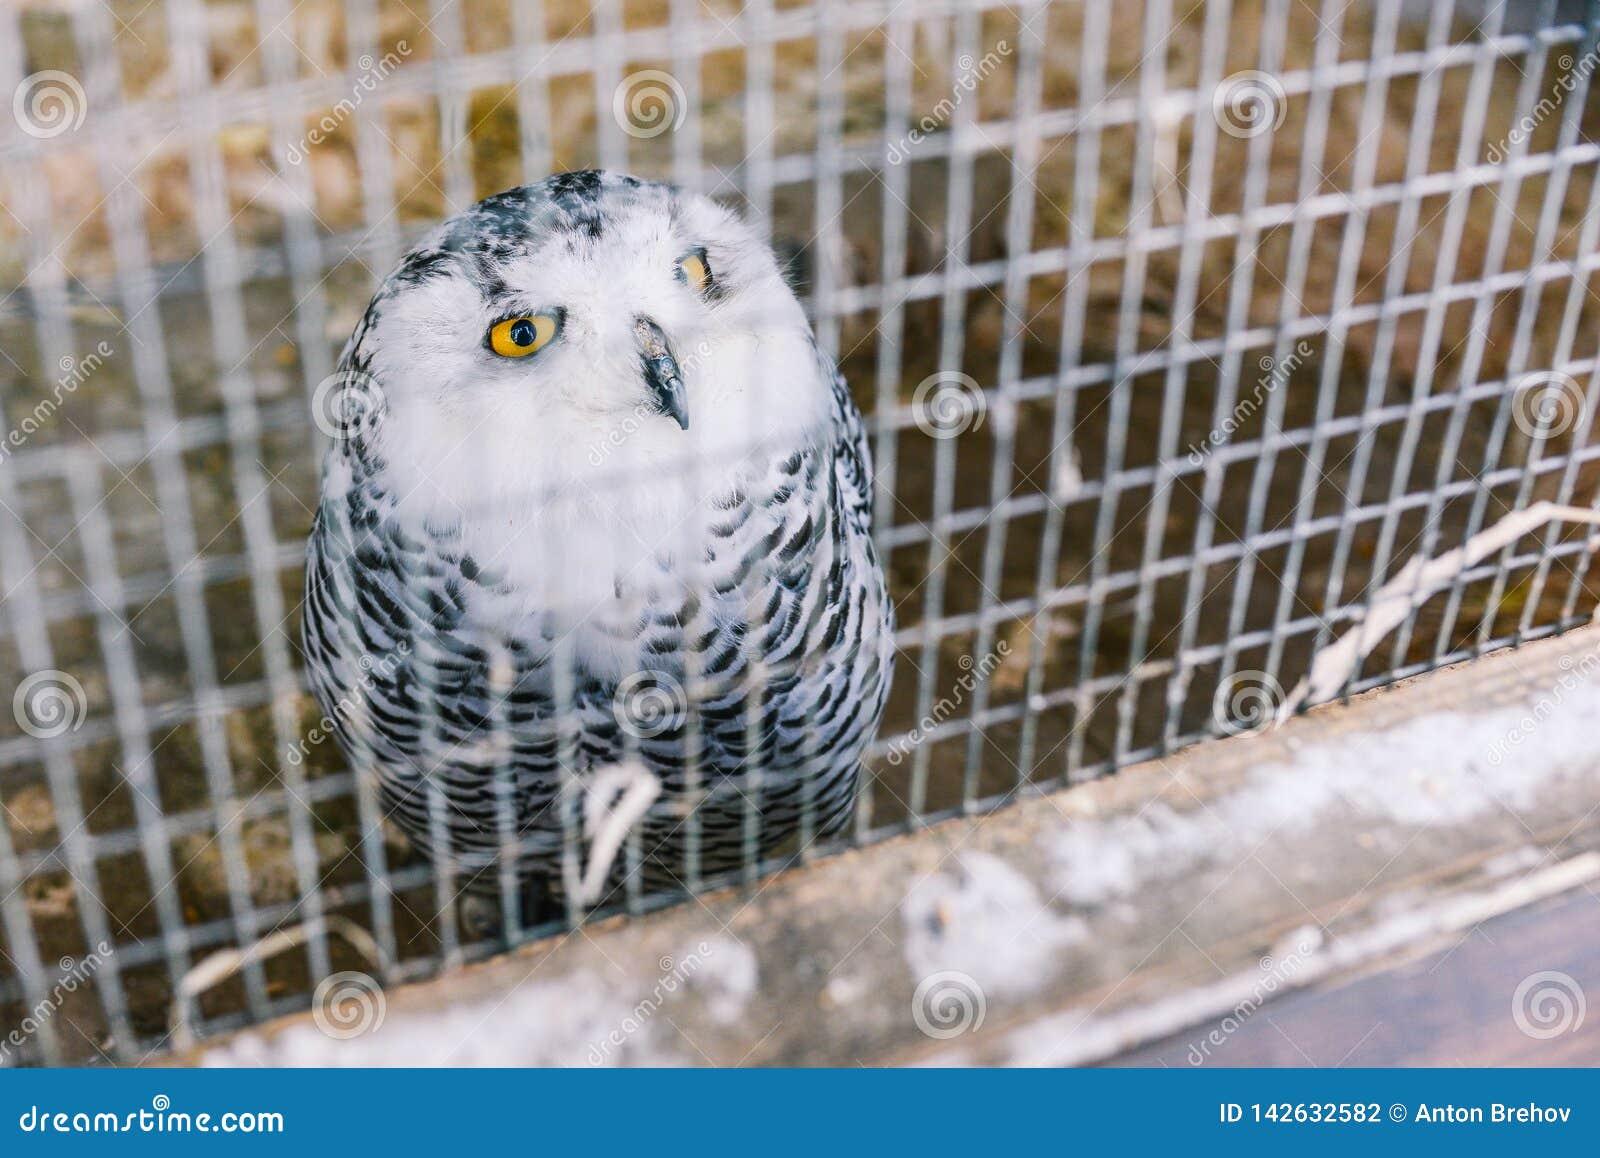 Die Eule ist im Käfig polar Die Eule ist in der Farbe mit großem Gefieder grau-weiß Große gelbe Augen und schwarzer Schnabel Eise